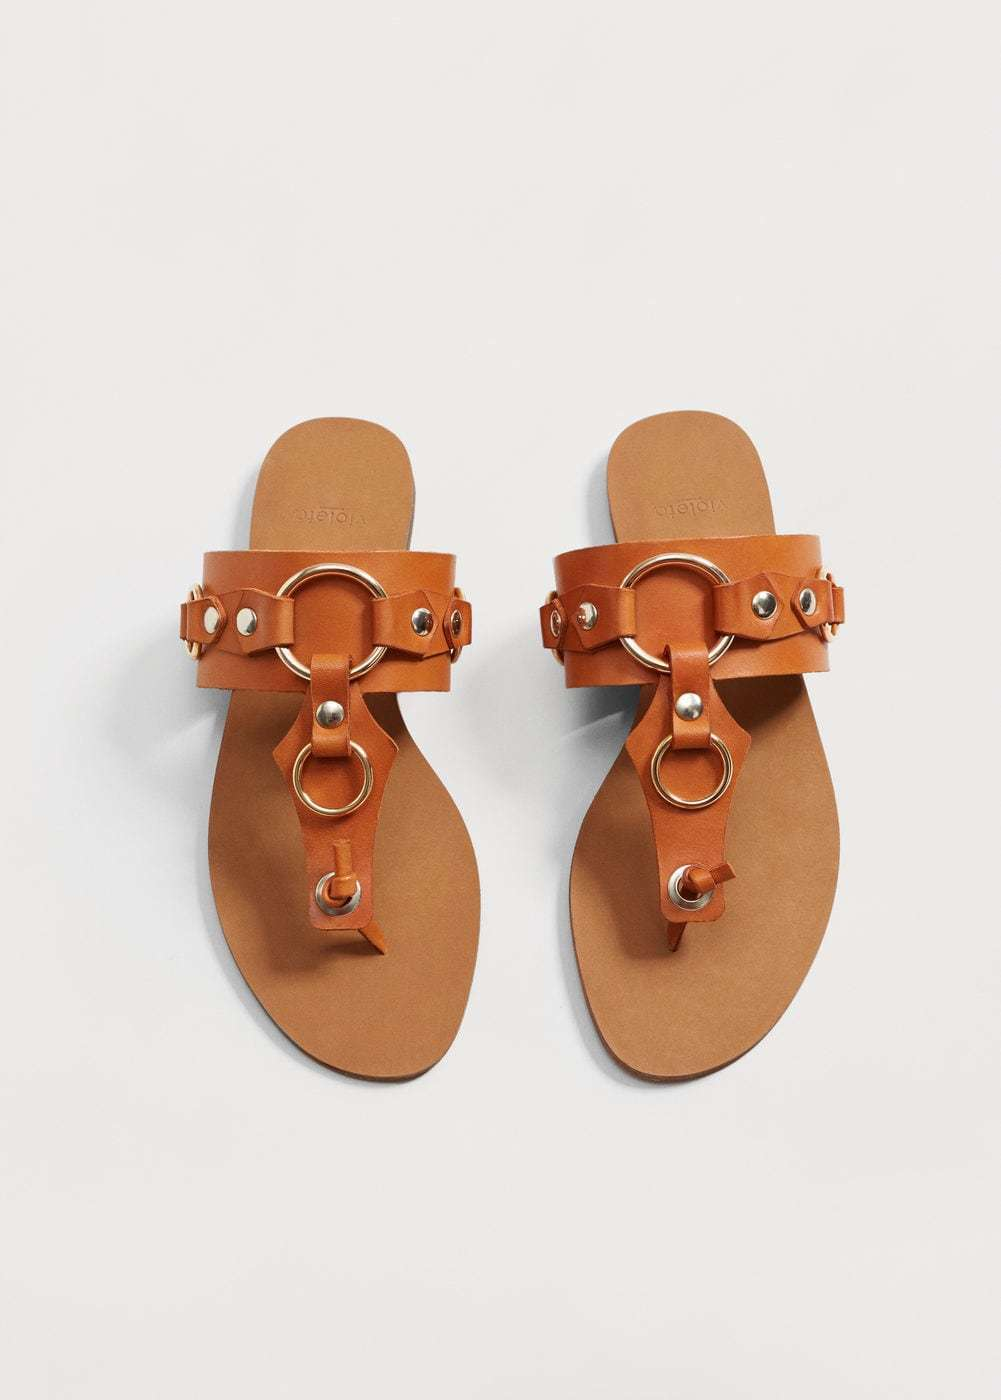 Violeta by Mango Decorative EU Appliqué Sandals UK 3 EU Decorative 36 JS41 76 afe44c